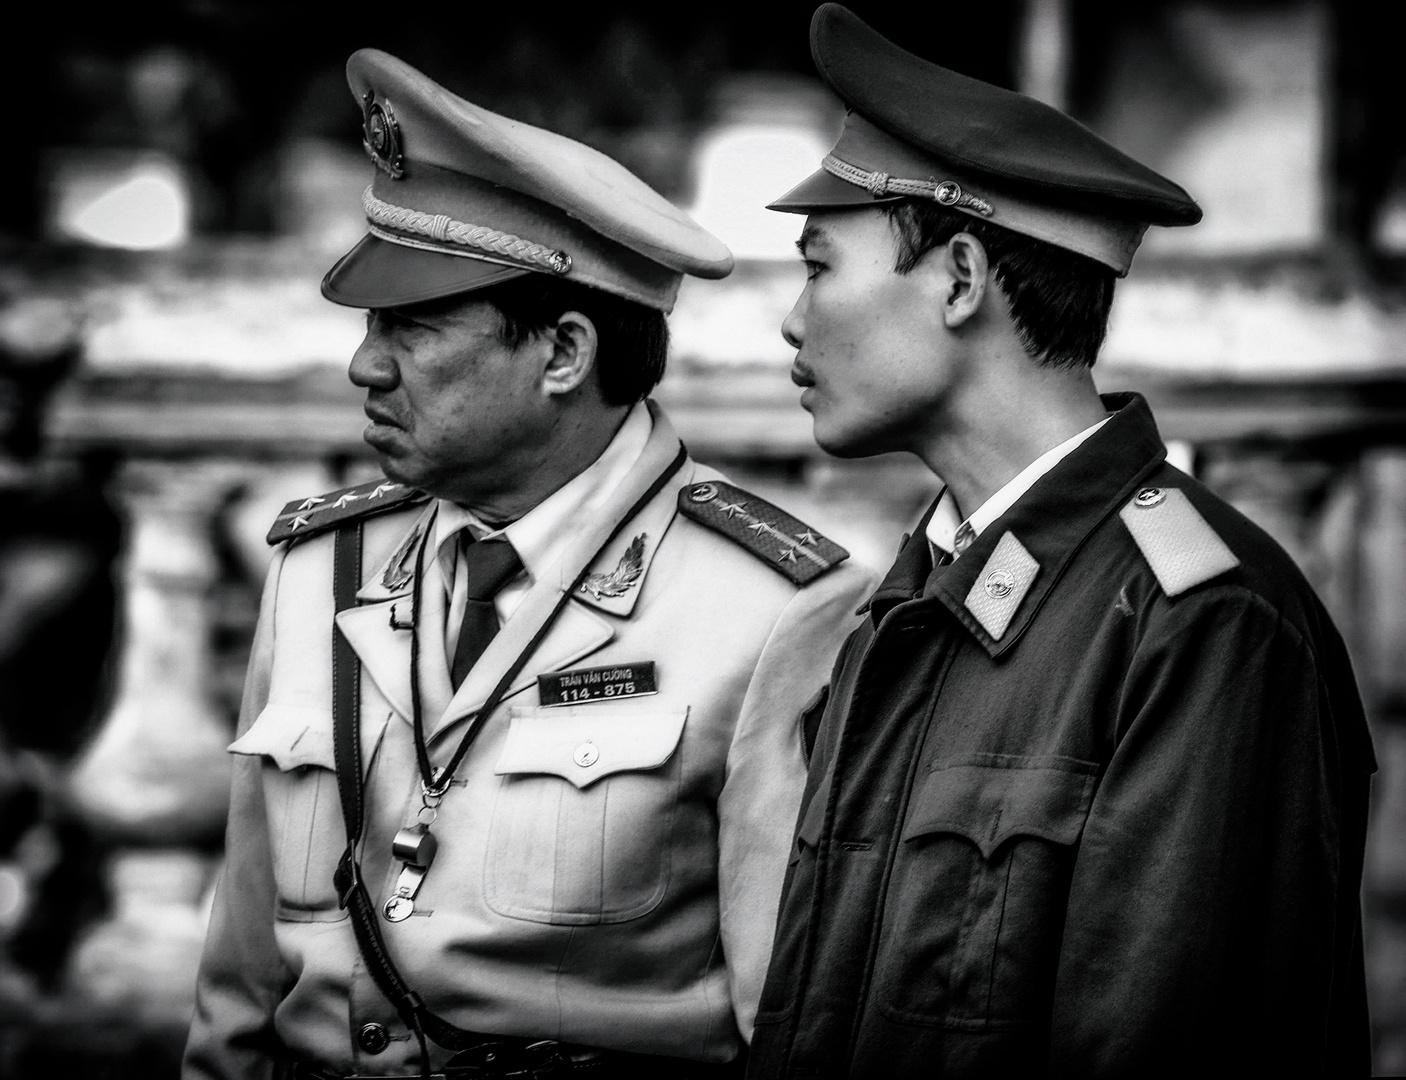 Vietnam No. 5